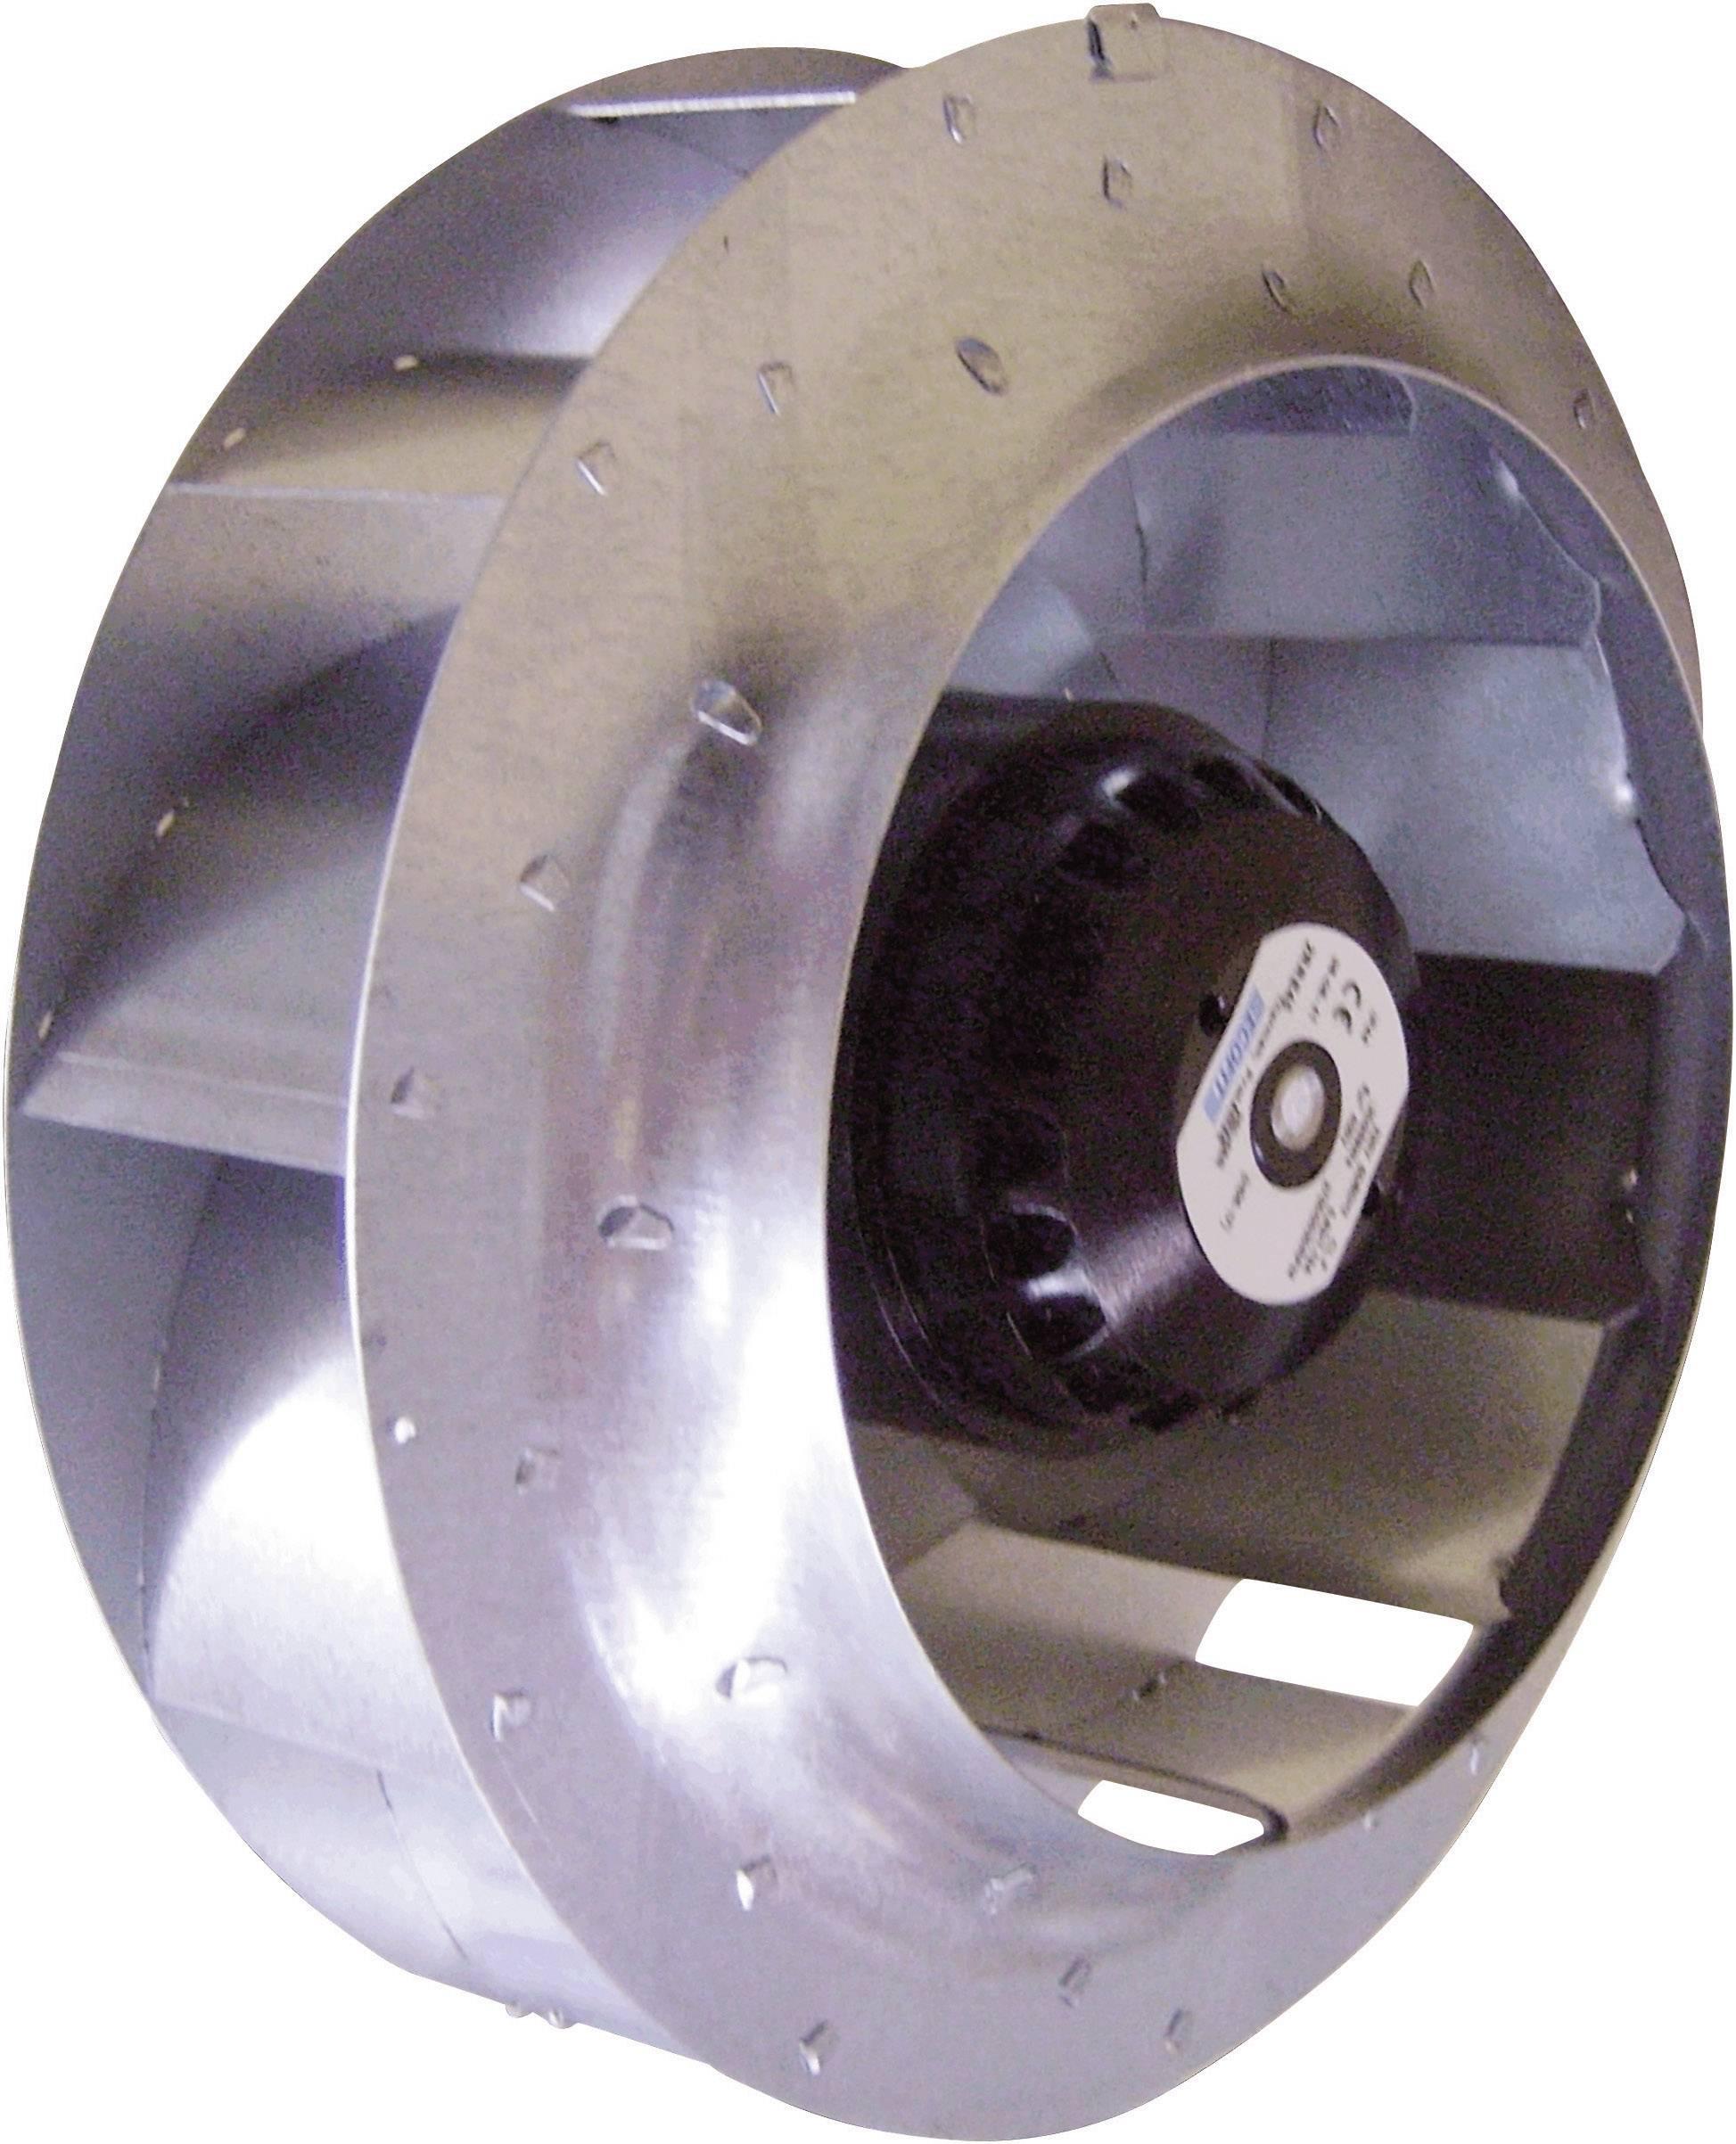 Axiálny ventilátor Ecofit 2RREA3 133X42R - D04-A4, 230 V/AC, 53 dB (A), (Ø x v) 134 mm x 91 mm